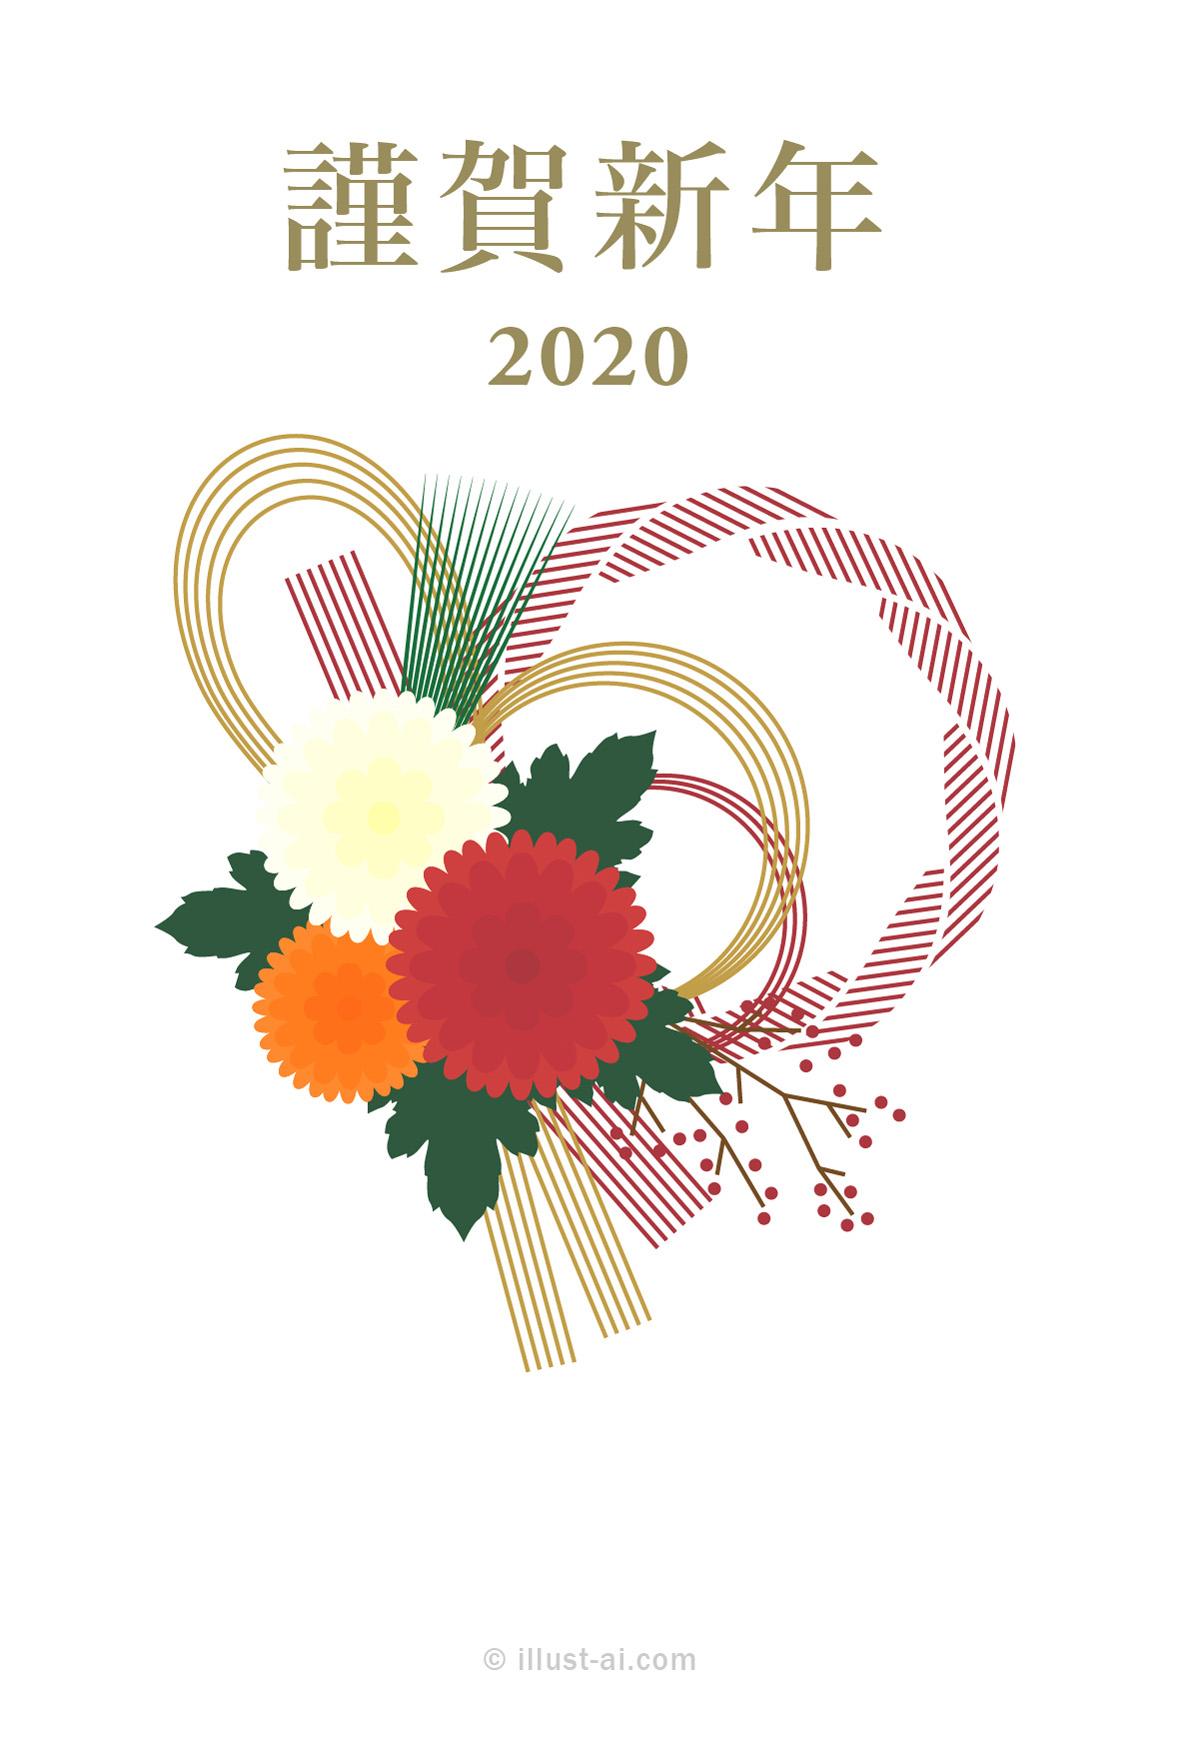 年賀状 子年水引と菊の花で飾られたしめ縄の年賀状イラスト 年賀状